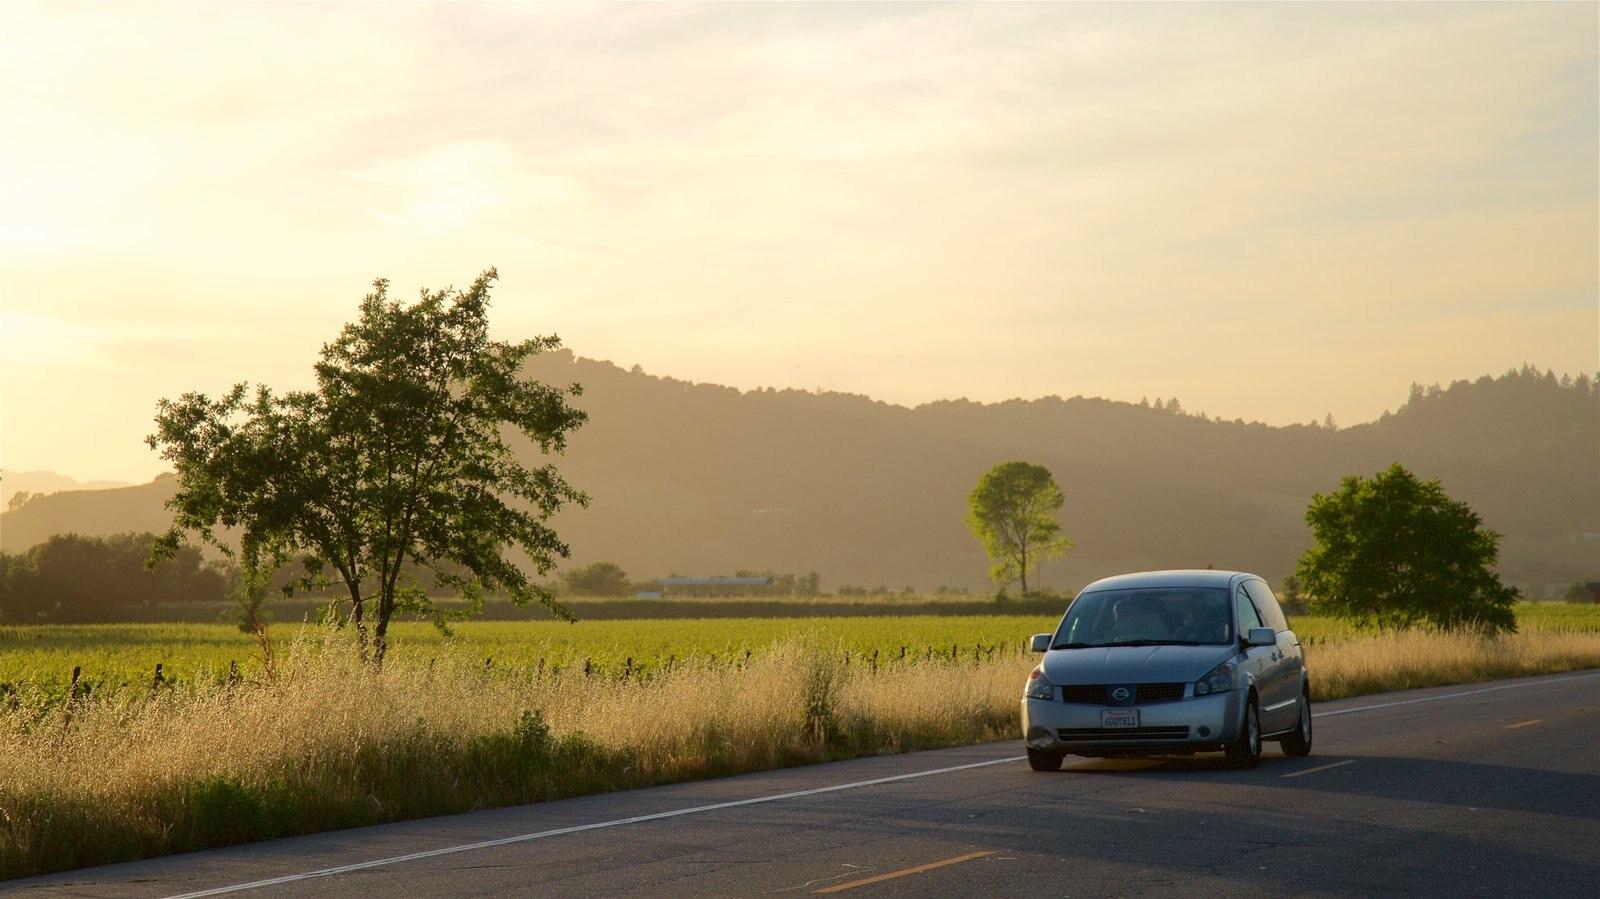 Napa Valley ofreciendo vistas de paisajes, una puesta de sol y escenas tranquilas